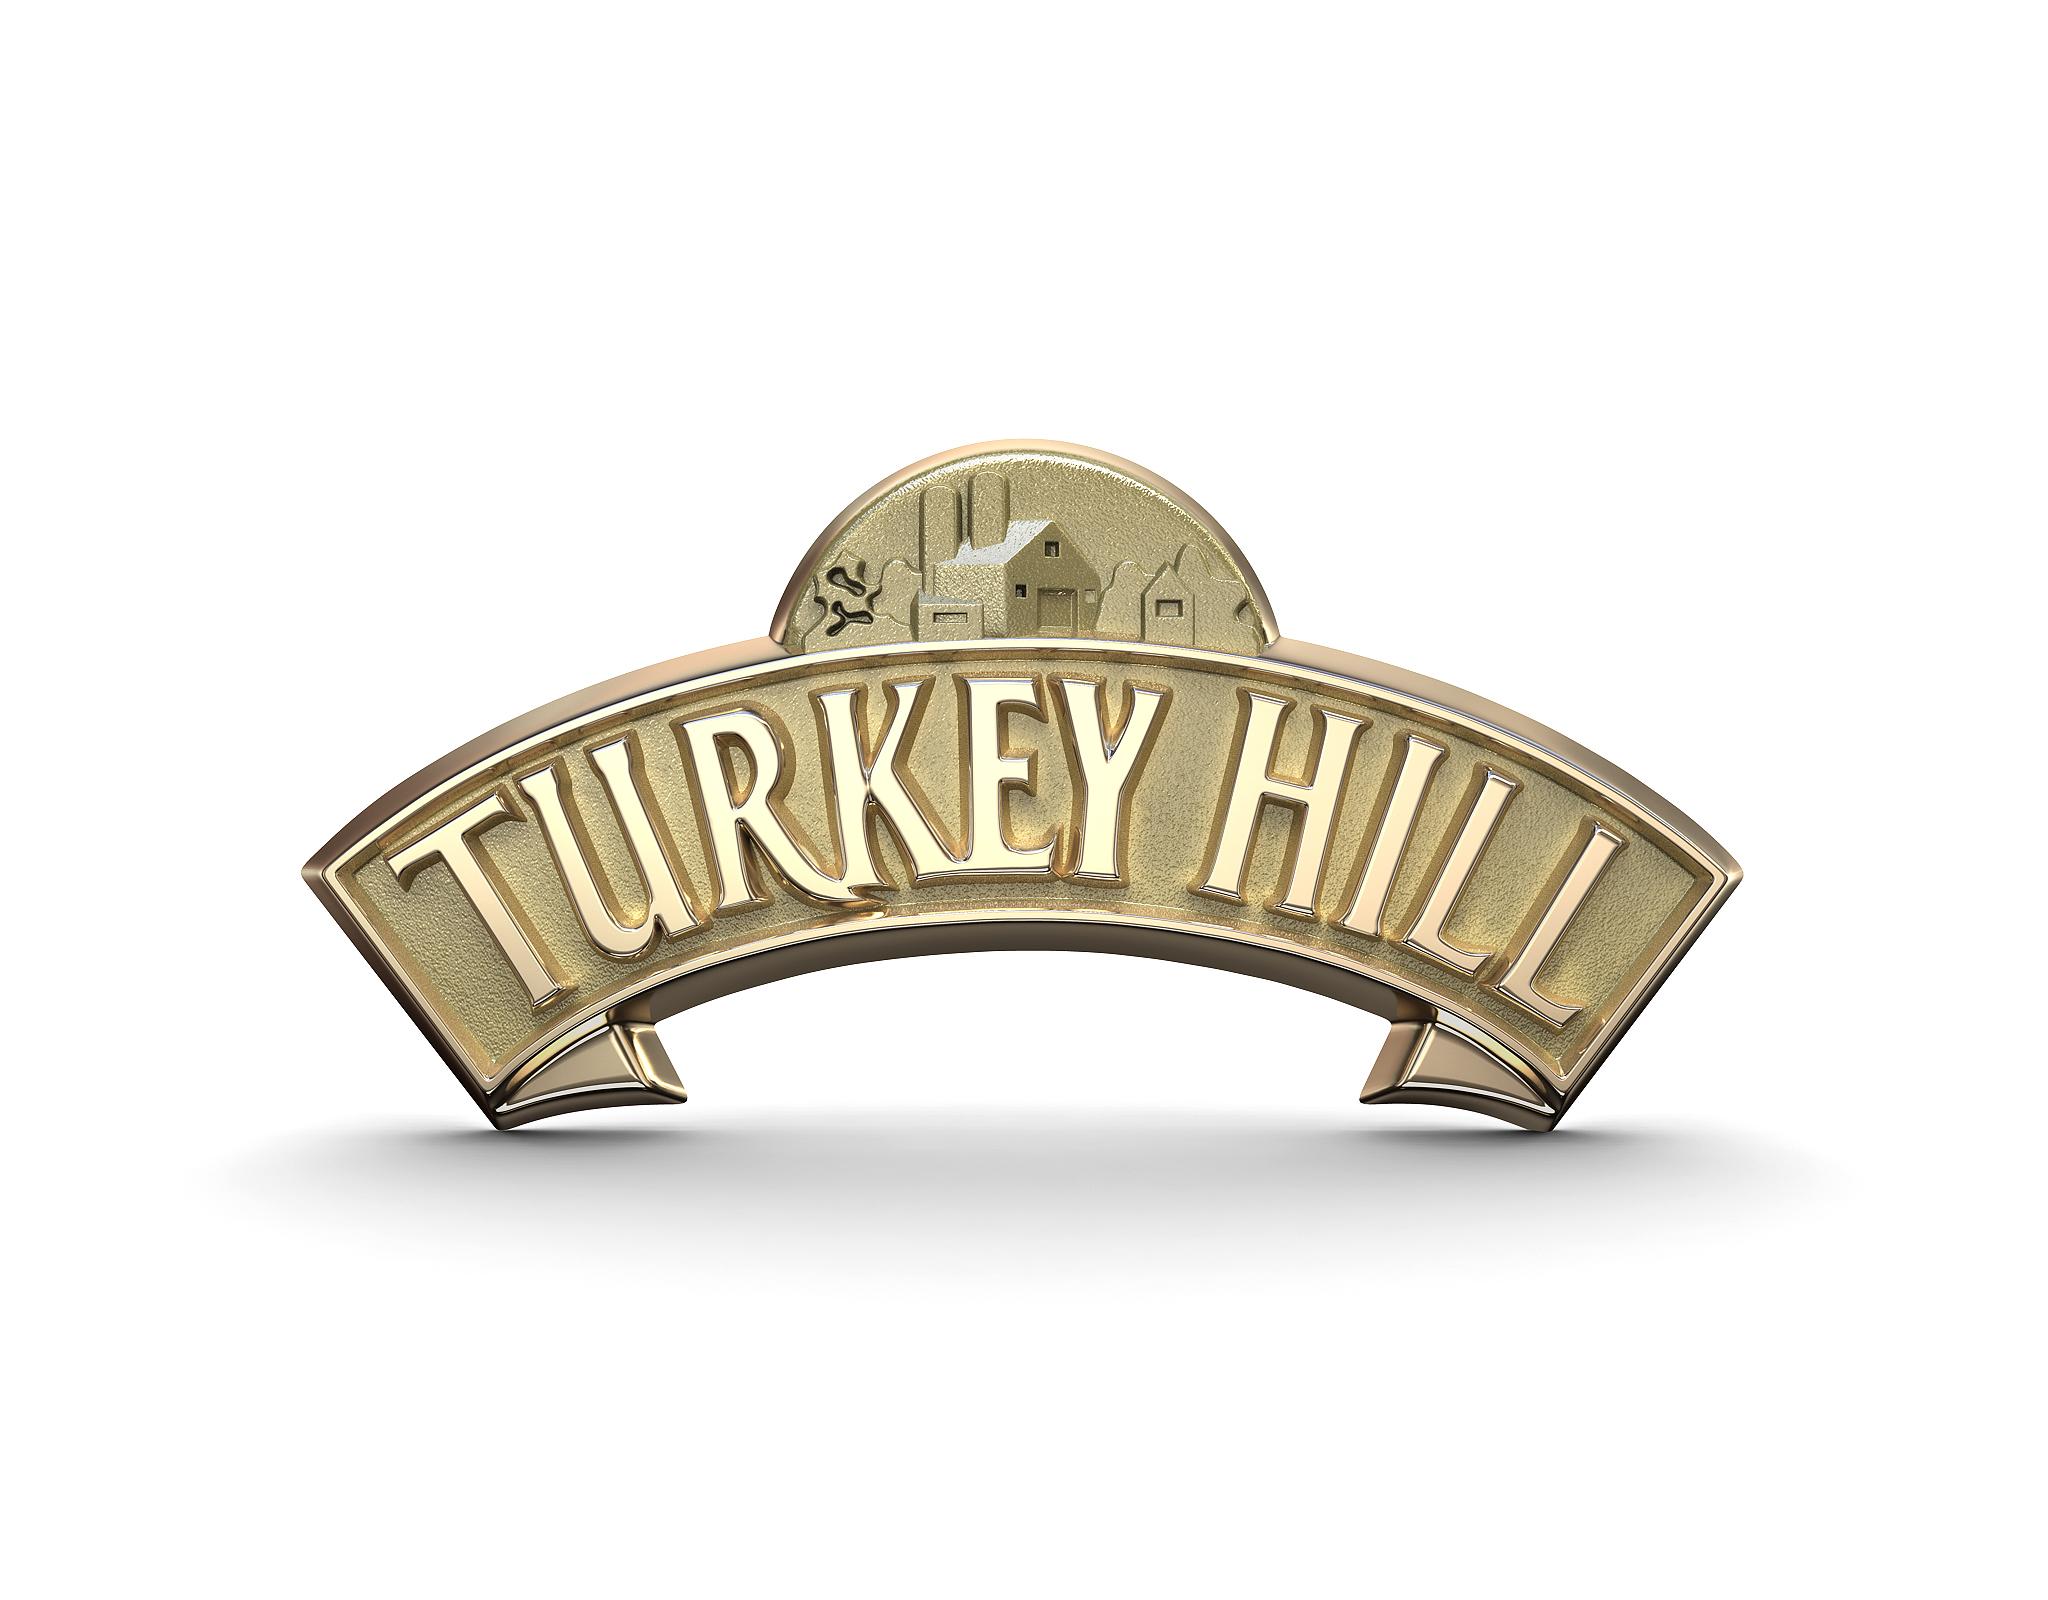 TurkeyHill_2.jpg